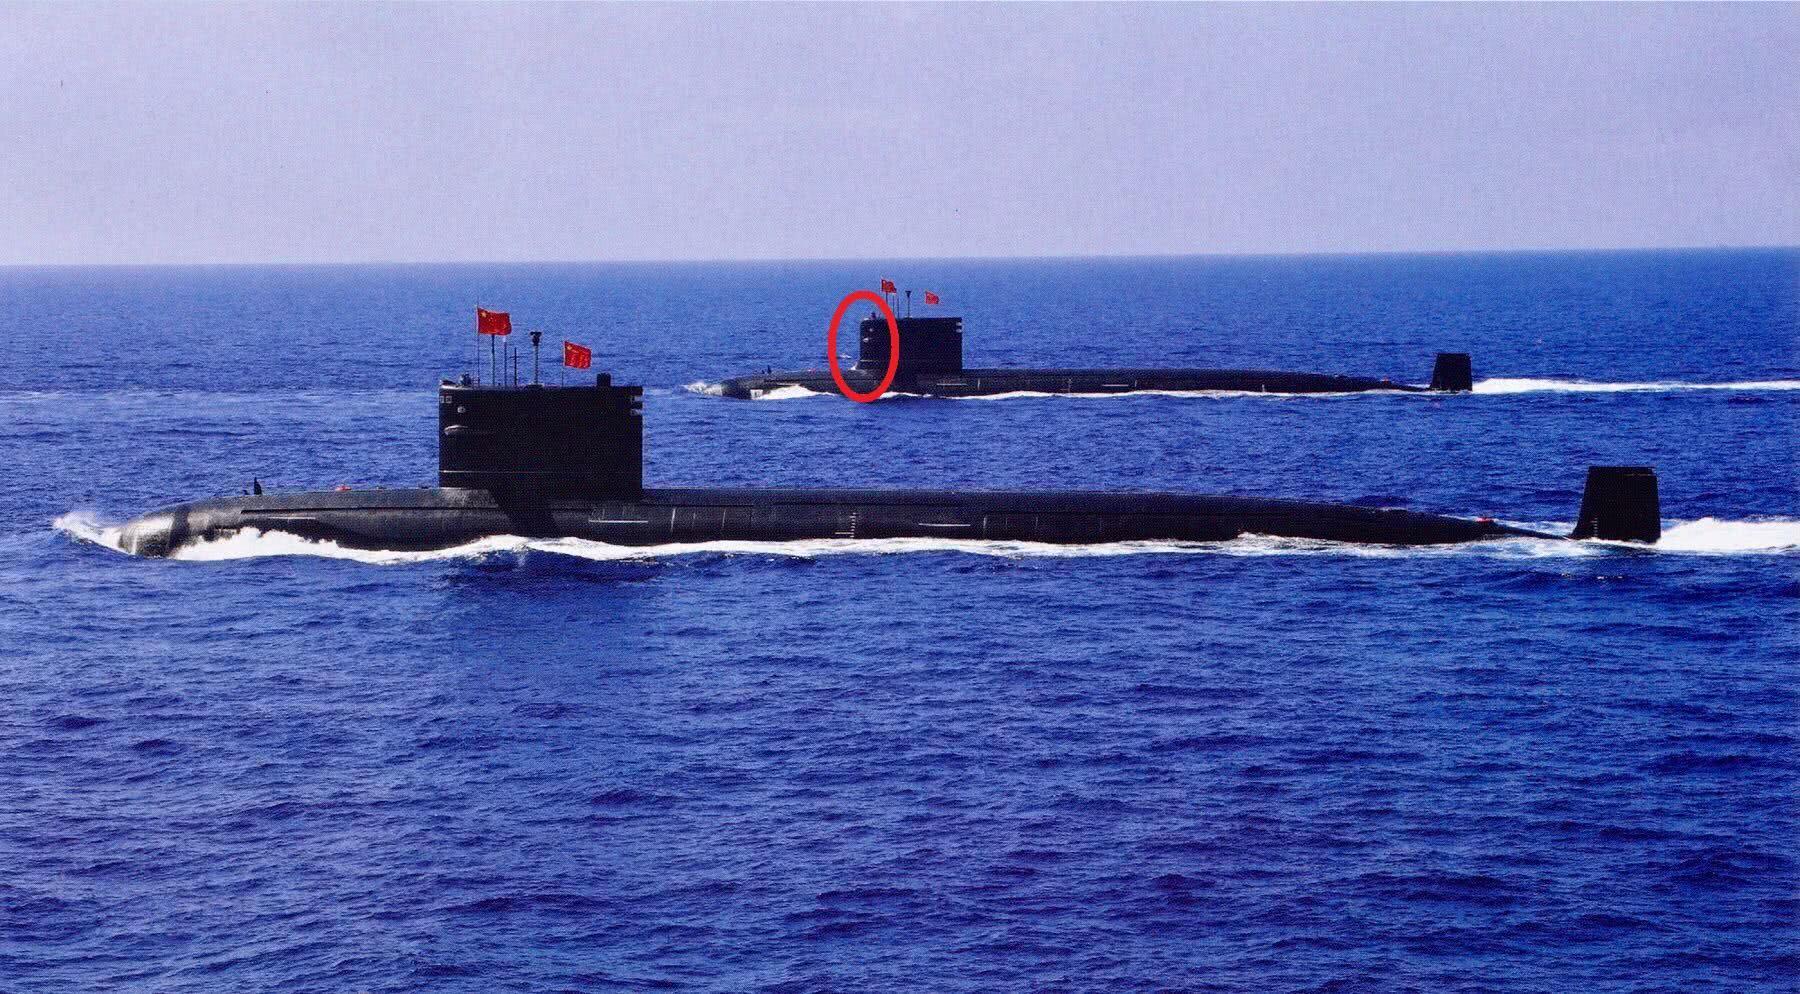 中国新锐核潜艇亮出古董级武器 比鹰击18还神秘,真相令人振奋